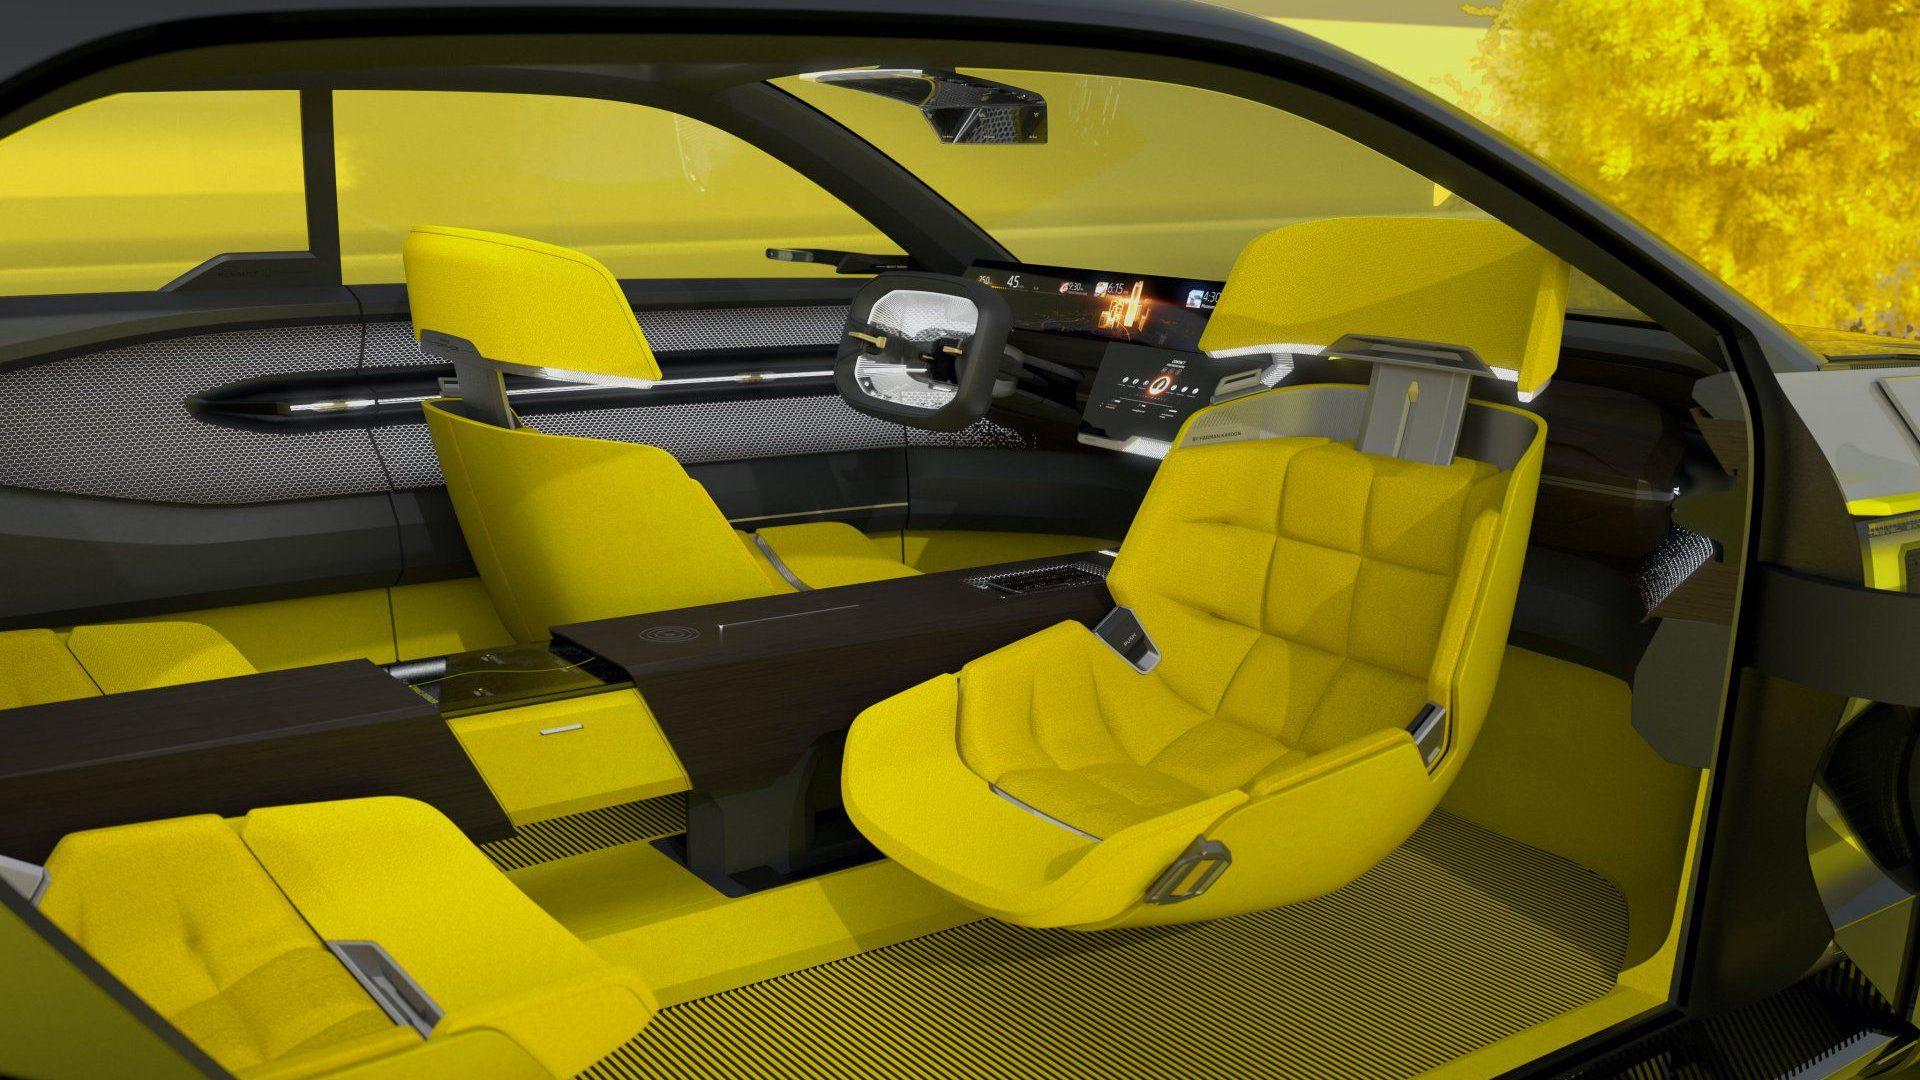 2020-Renault-Morphoz-Concept-035